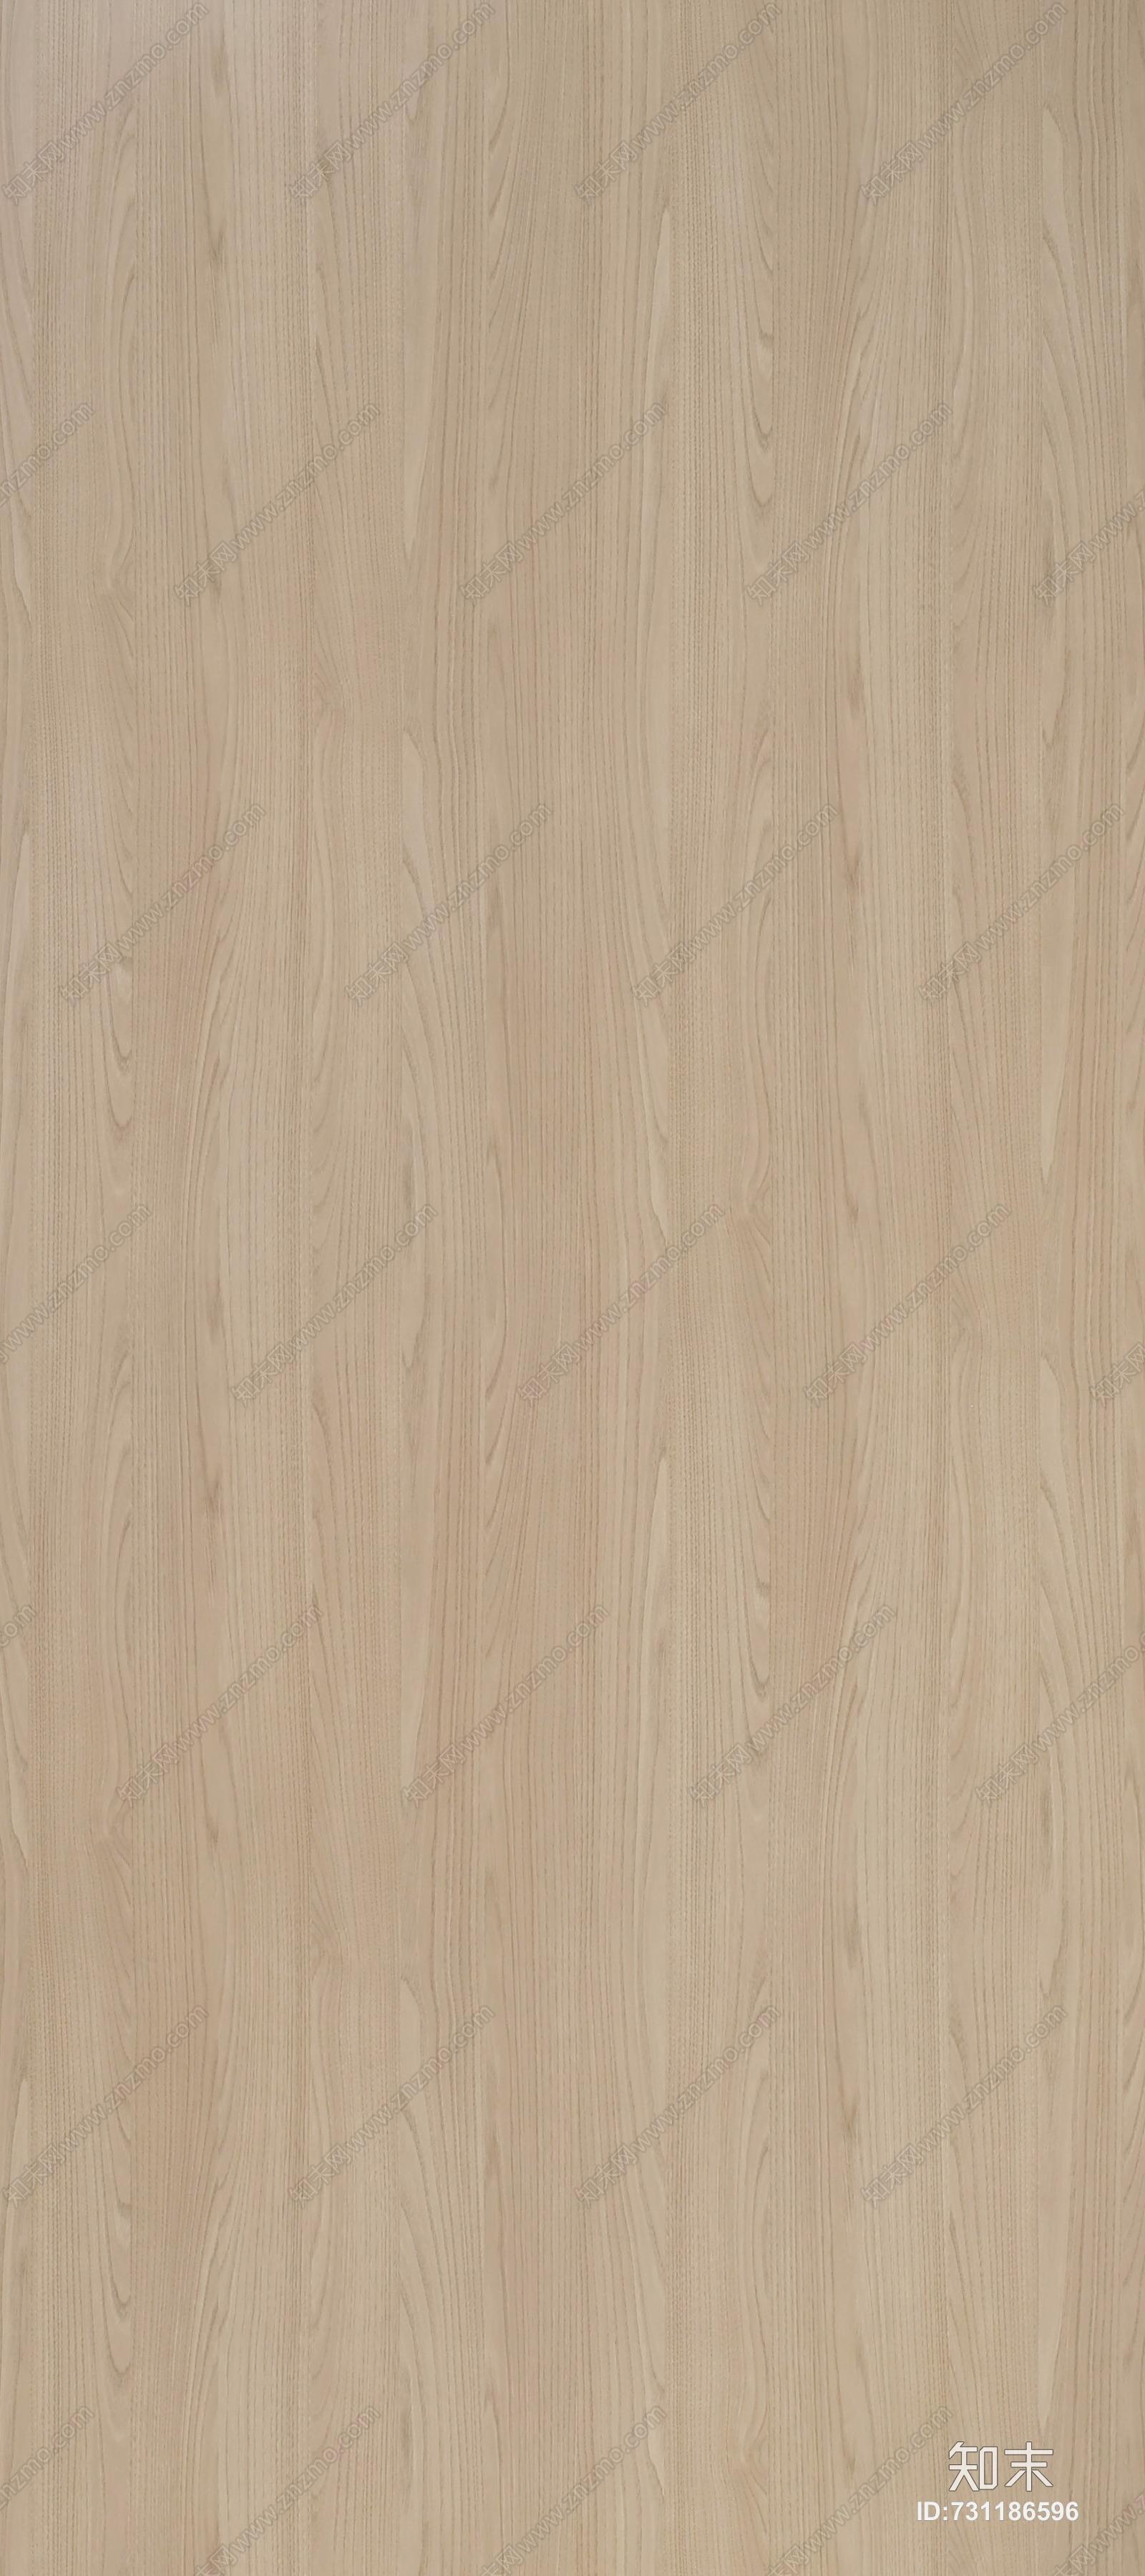 浅色木纹贴图贴图下载【ID:731186596】